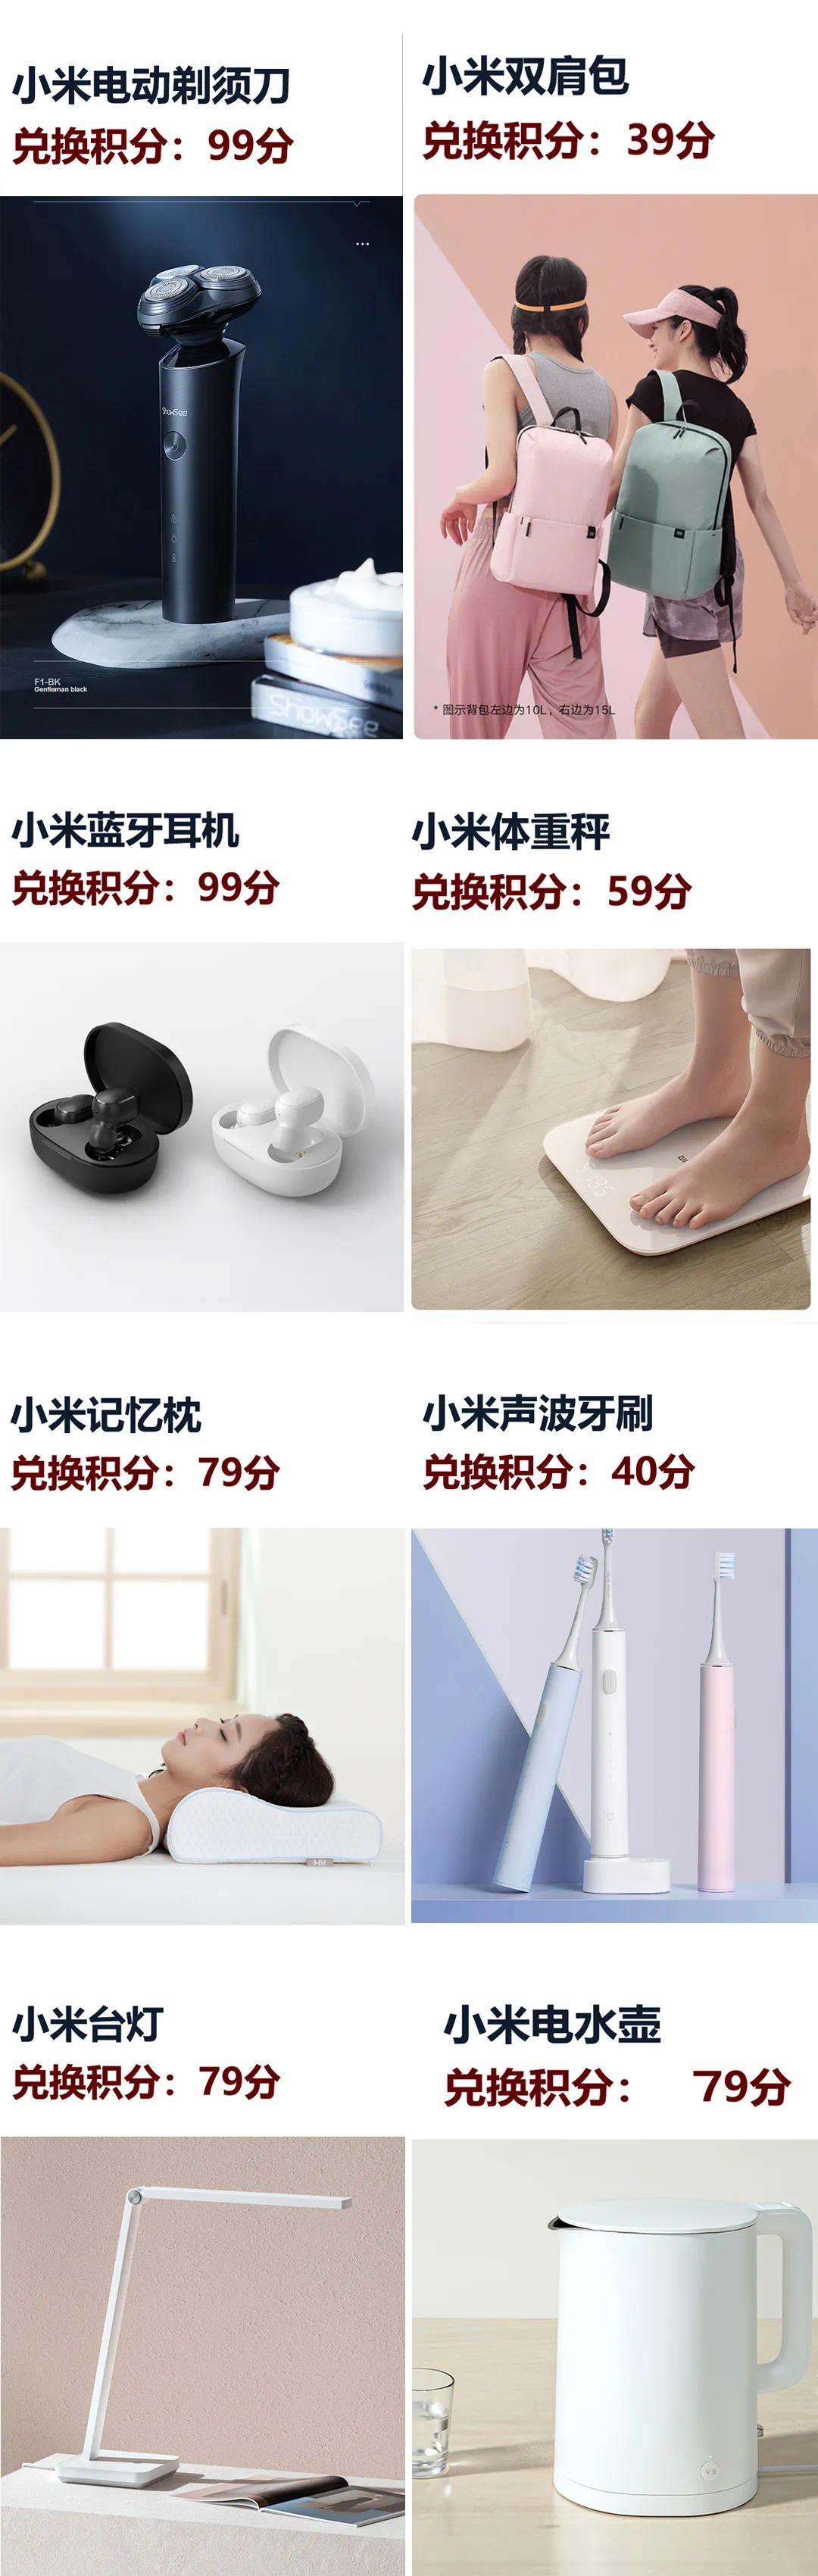 【华中华园】――小米电器专场,九月业主积分商城!